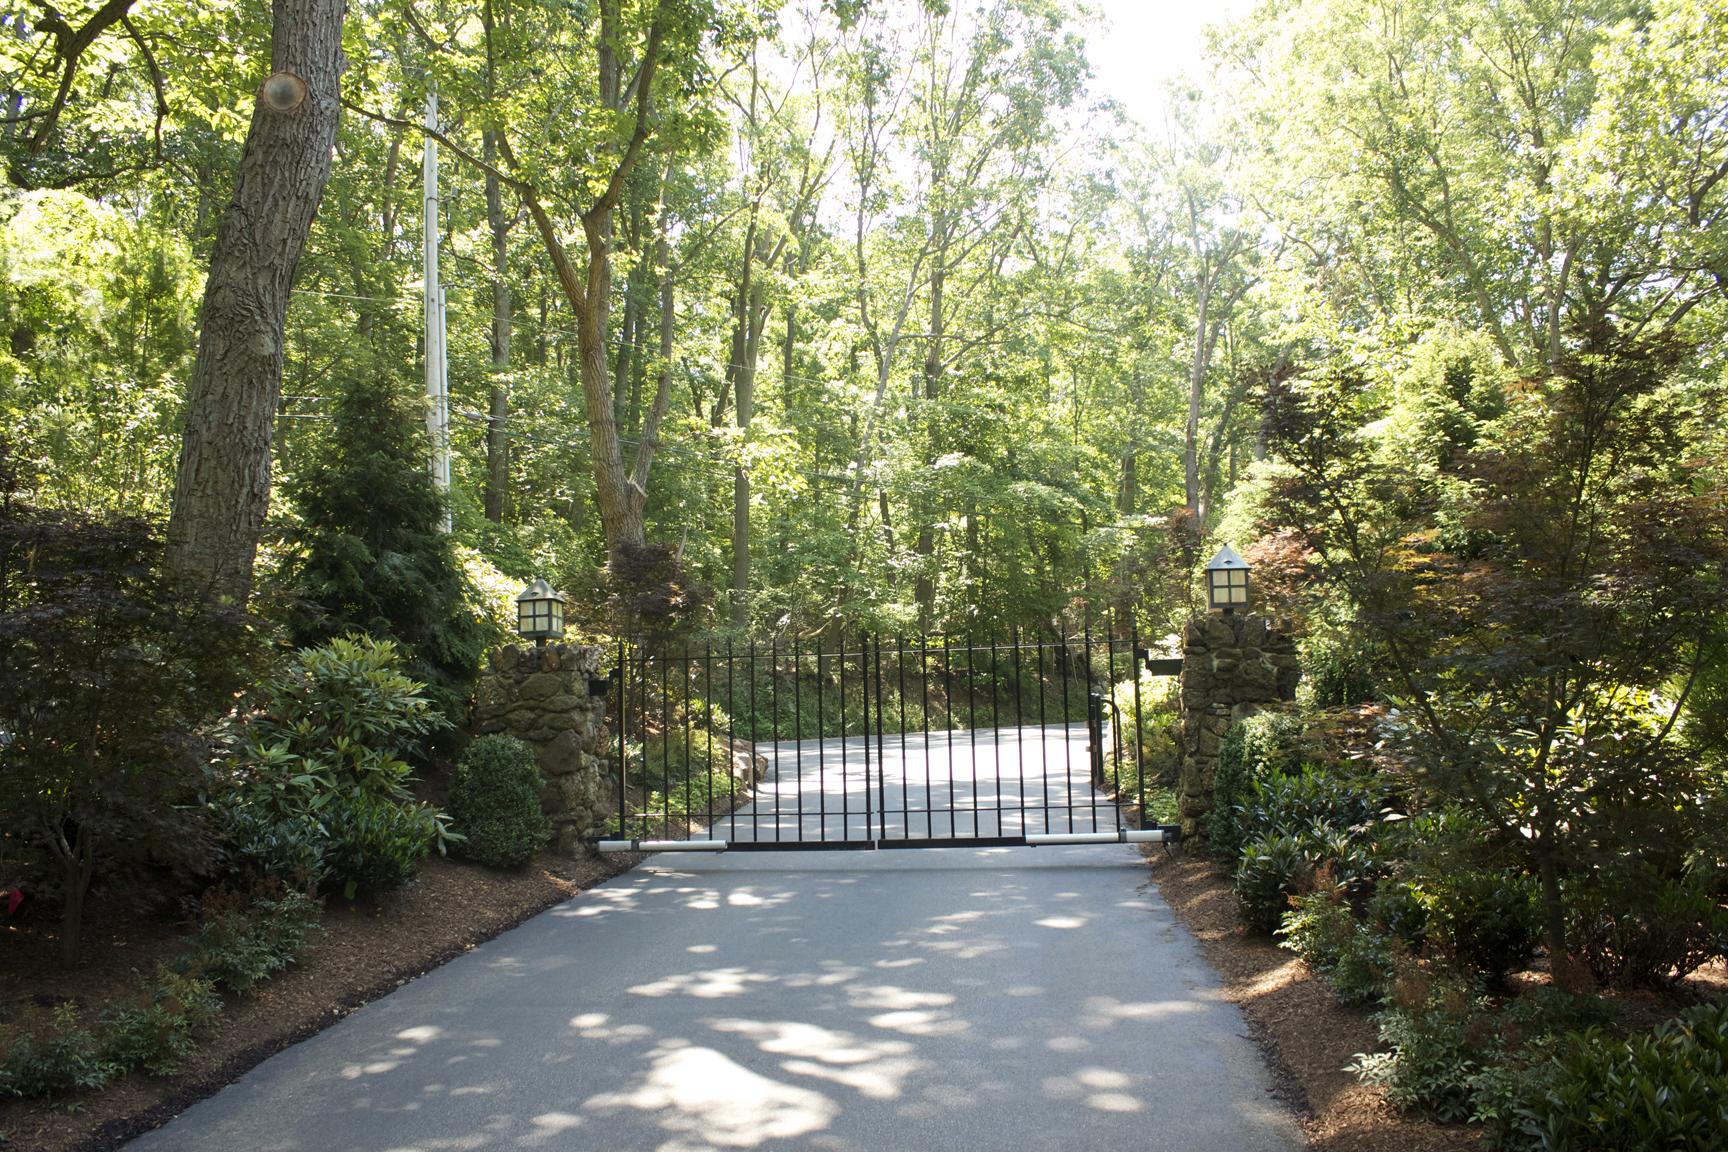 Private Residence-6-Rumson NJ.jpg